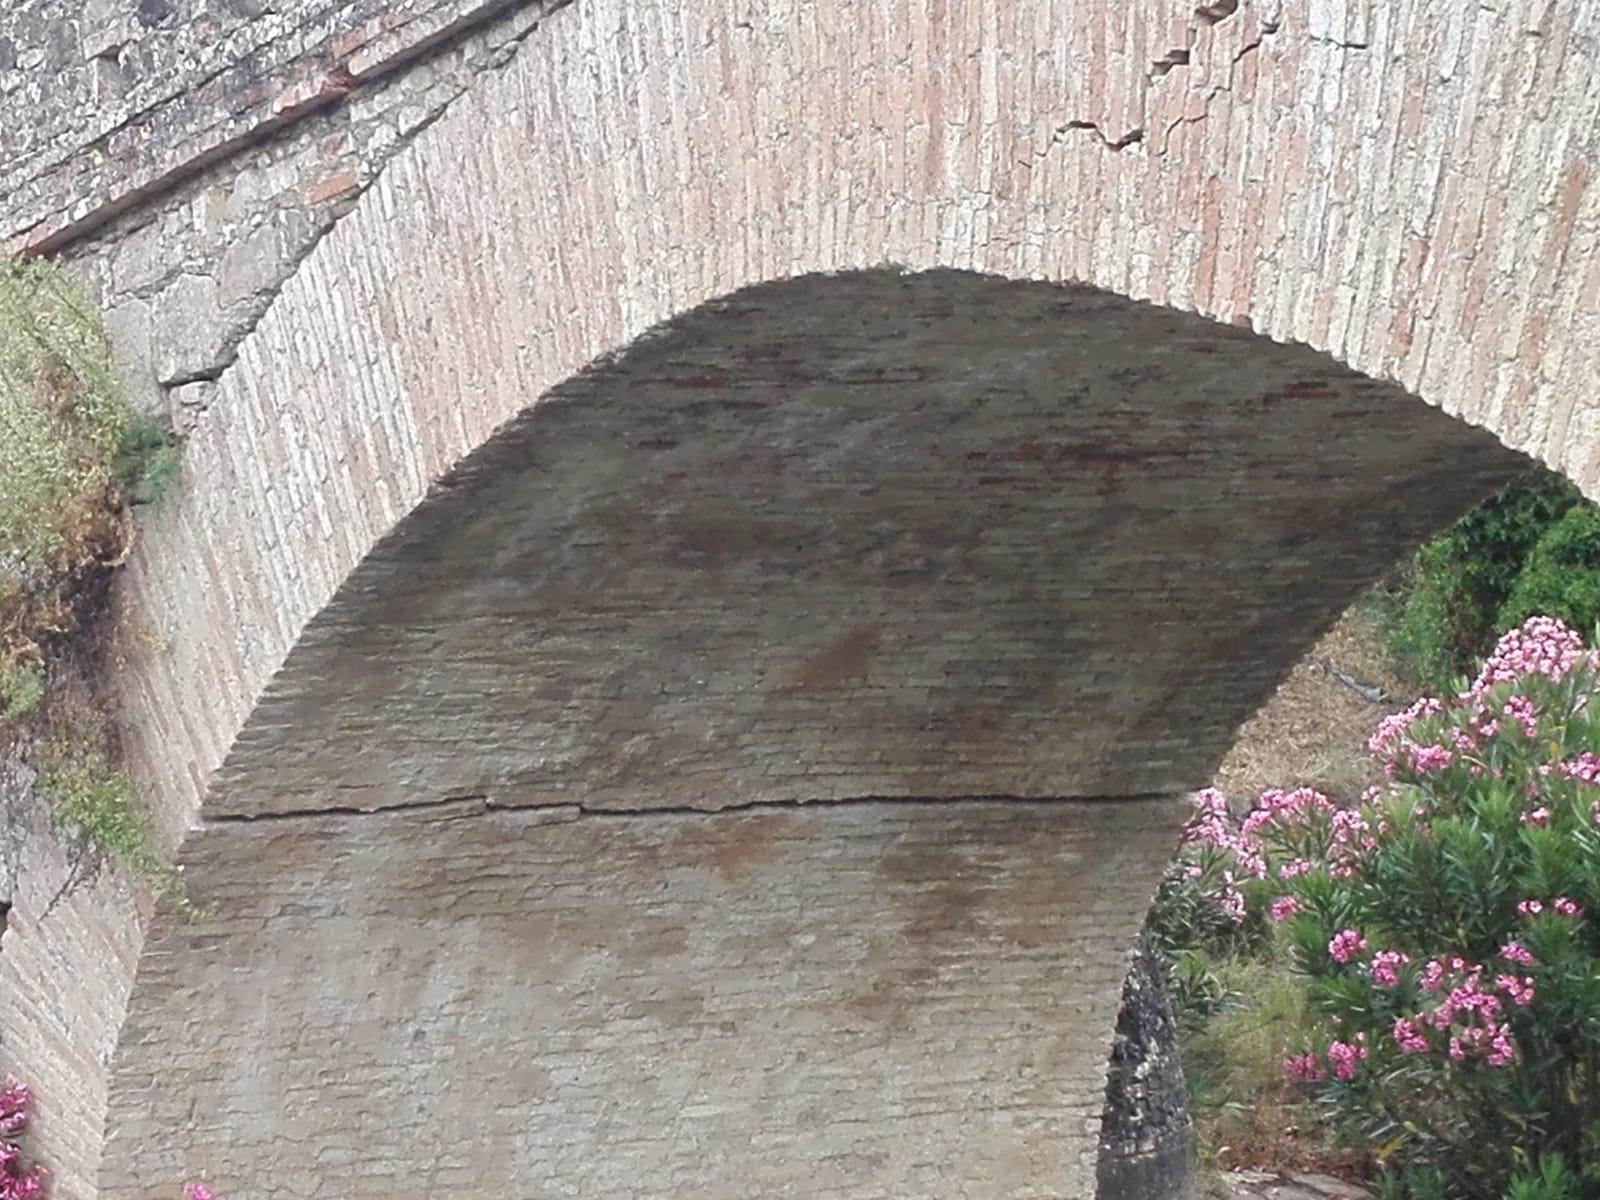 Grietas interiores del puente situado en la Vega del Realejo sobre el arroyo Garganta Barrida.